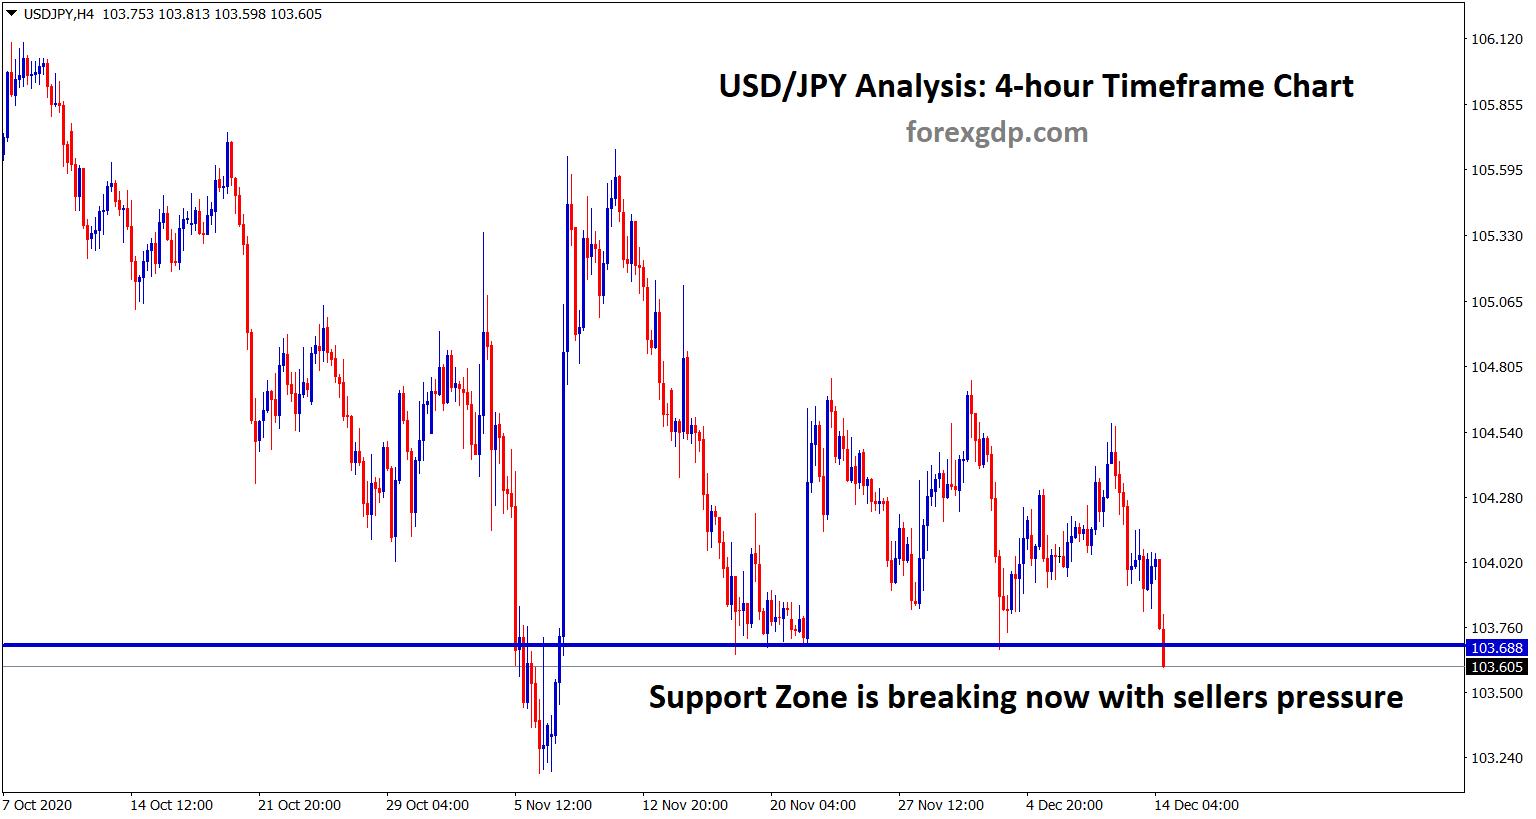 usdjpy breaking now with sellers pressure